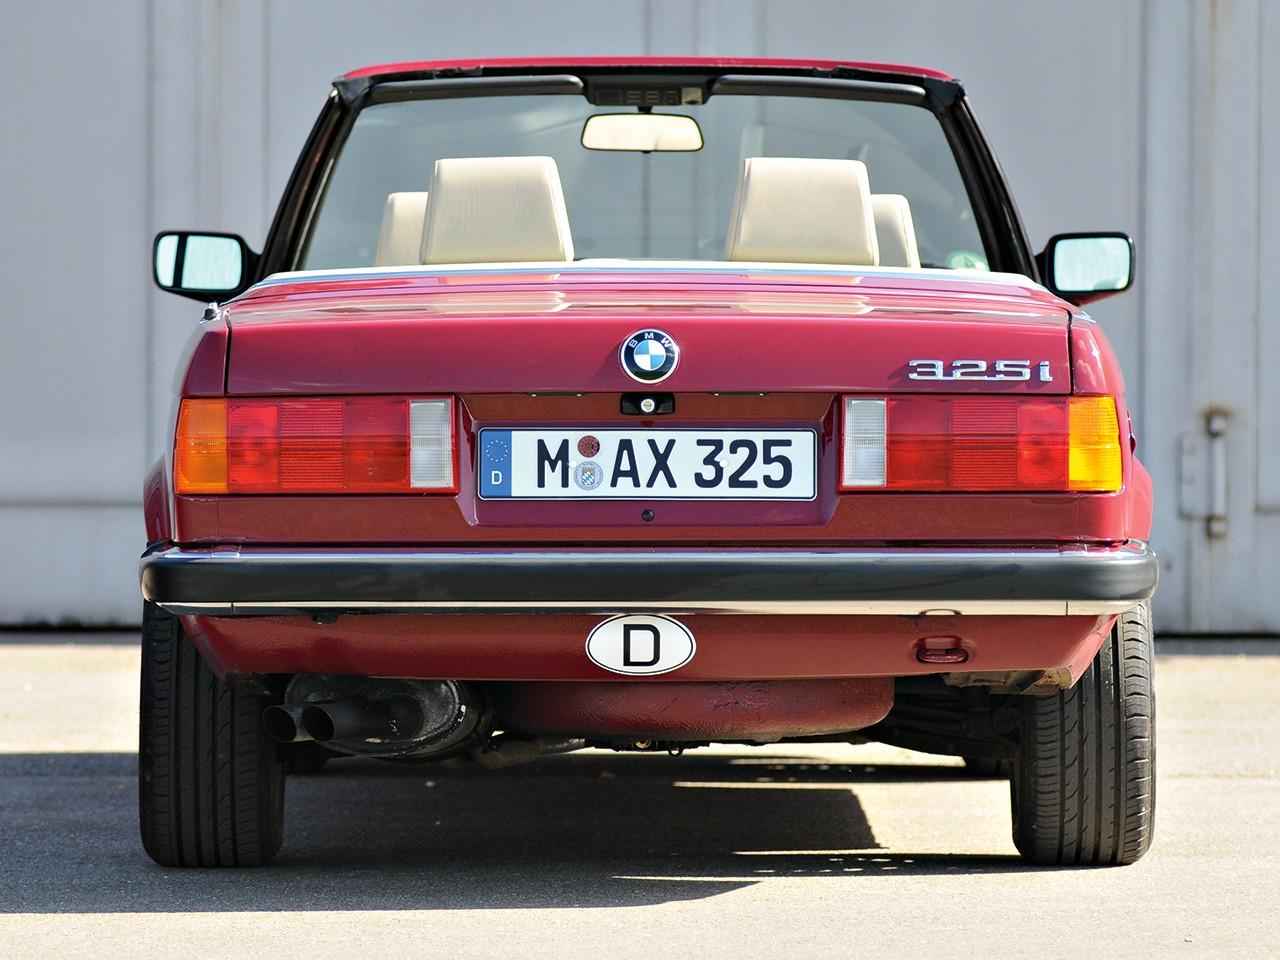 Bmw 3 Series Cabriolet E30 Spezifikationen Fotos 1986 1987 1988 1989 1990 1991 1992 1993 Autoevolution In Deutscher Sprache